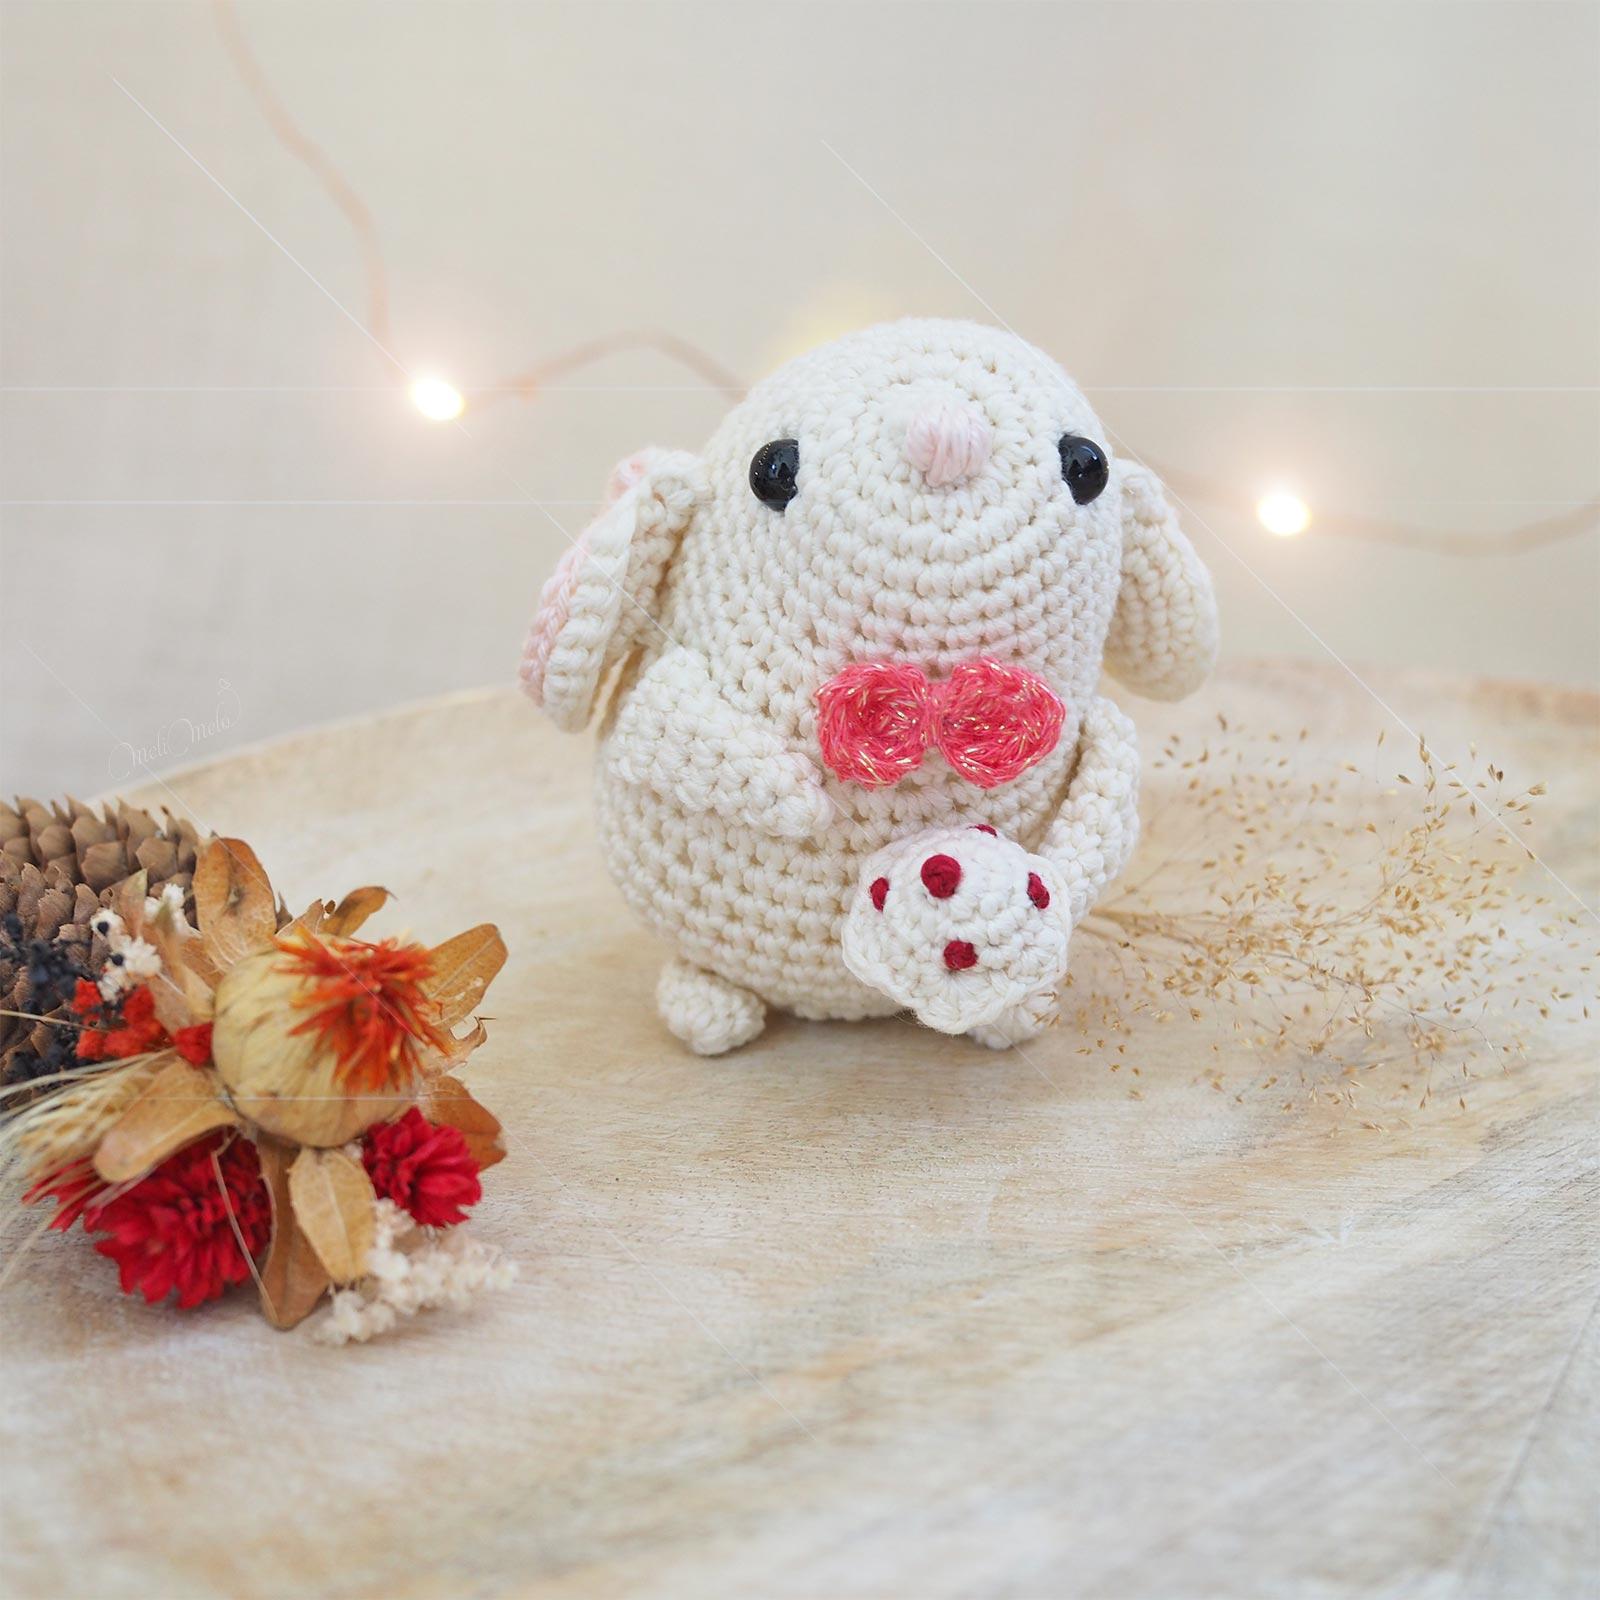 crochet souris gâteau amigurumi mouse amiguruku boutique MeliMelo